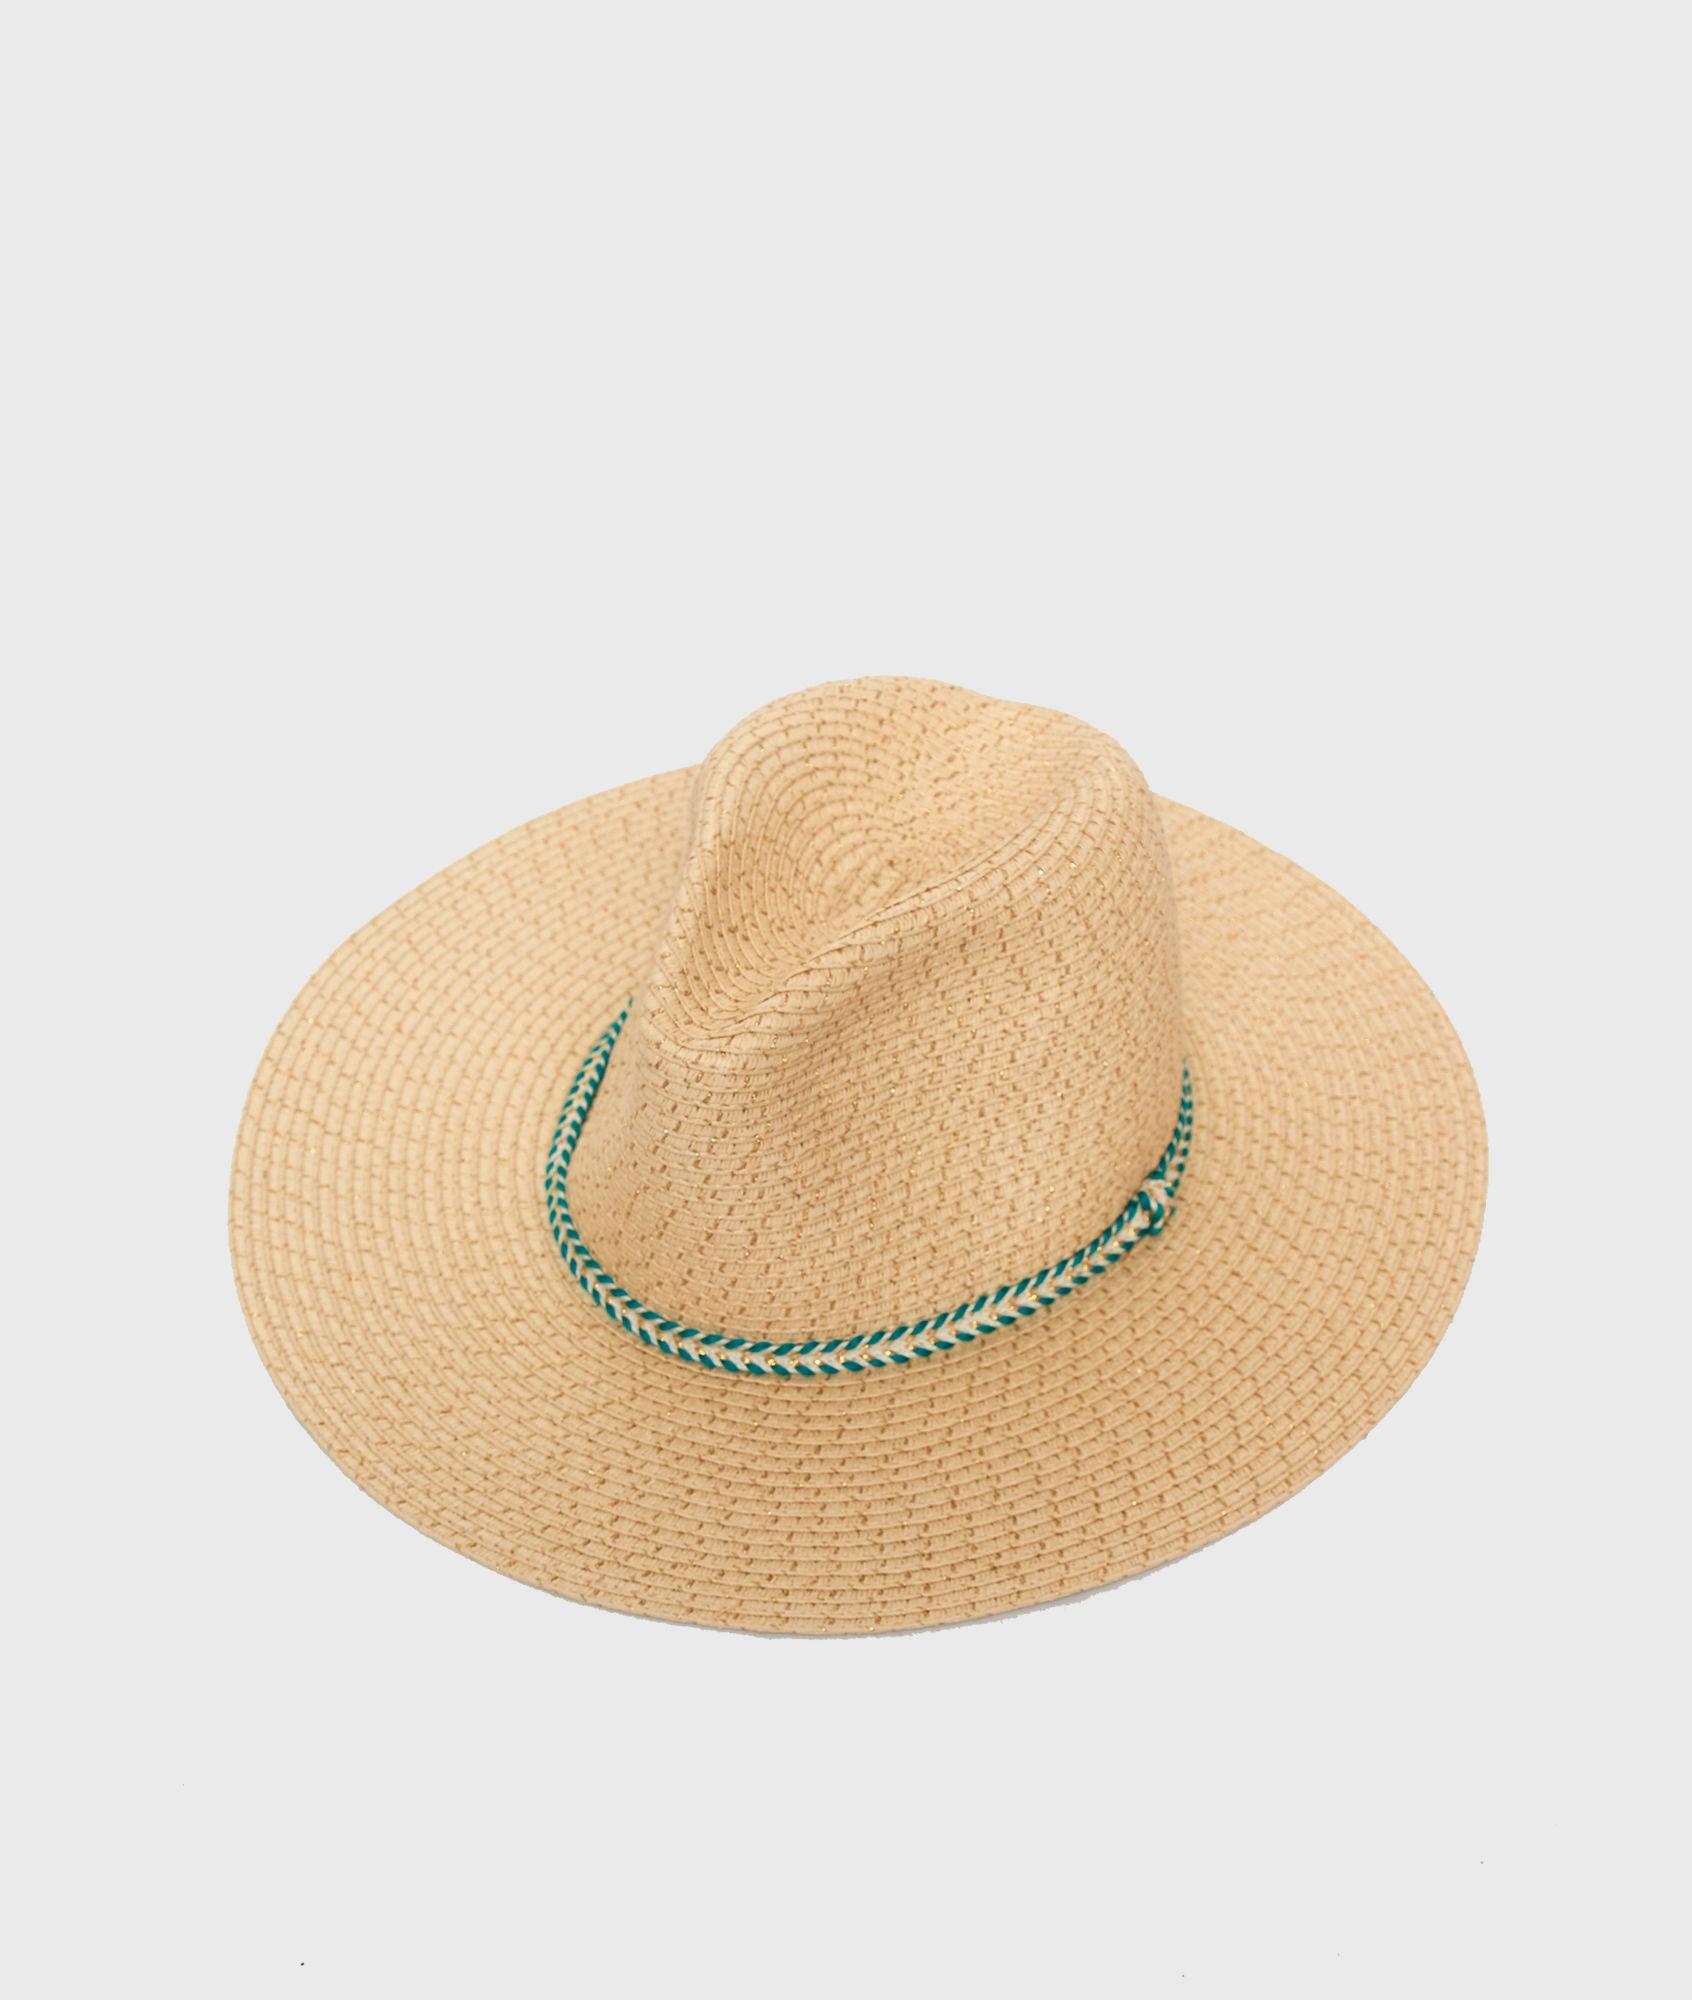 Chapeau de paille - LUREX - ÉCRU - Etam 2e6ab321125e